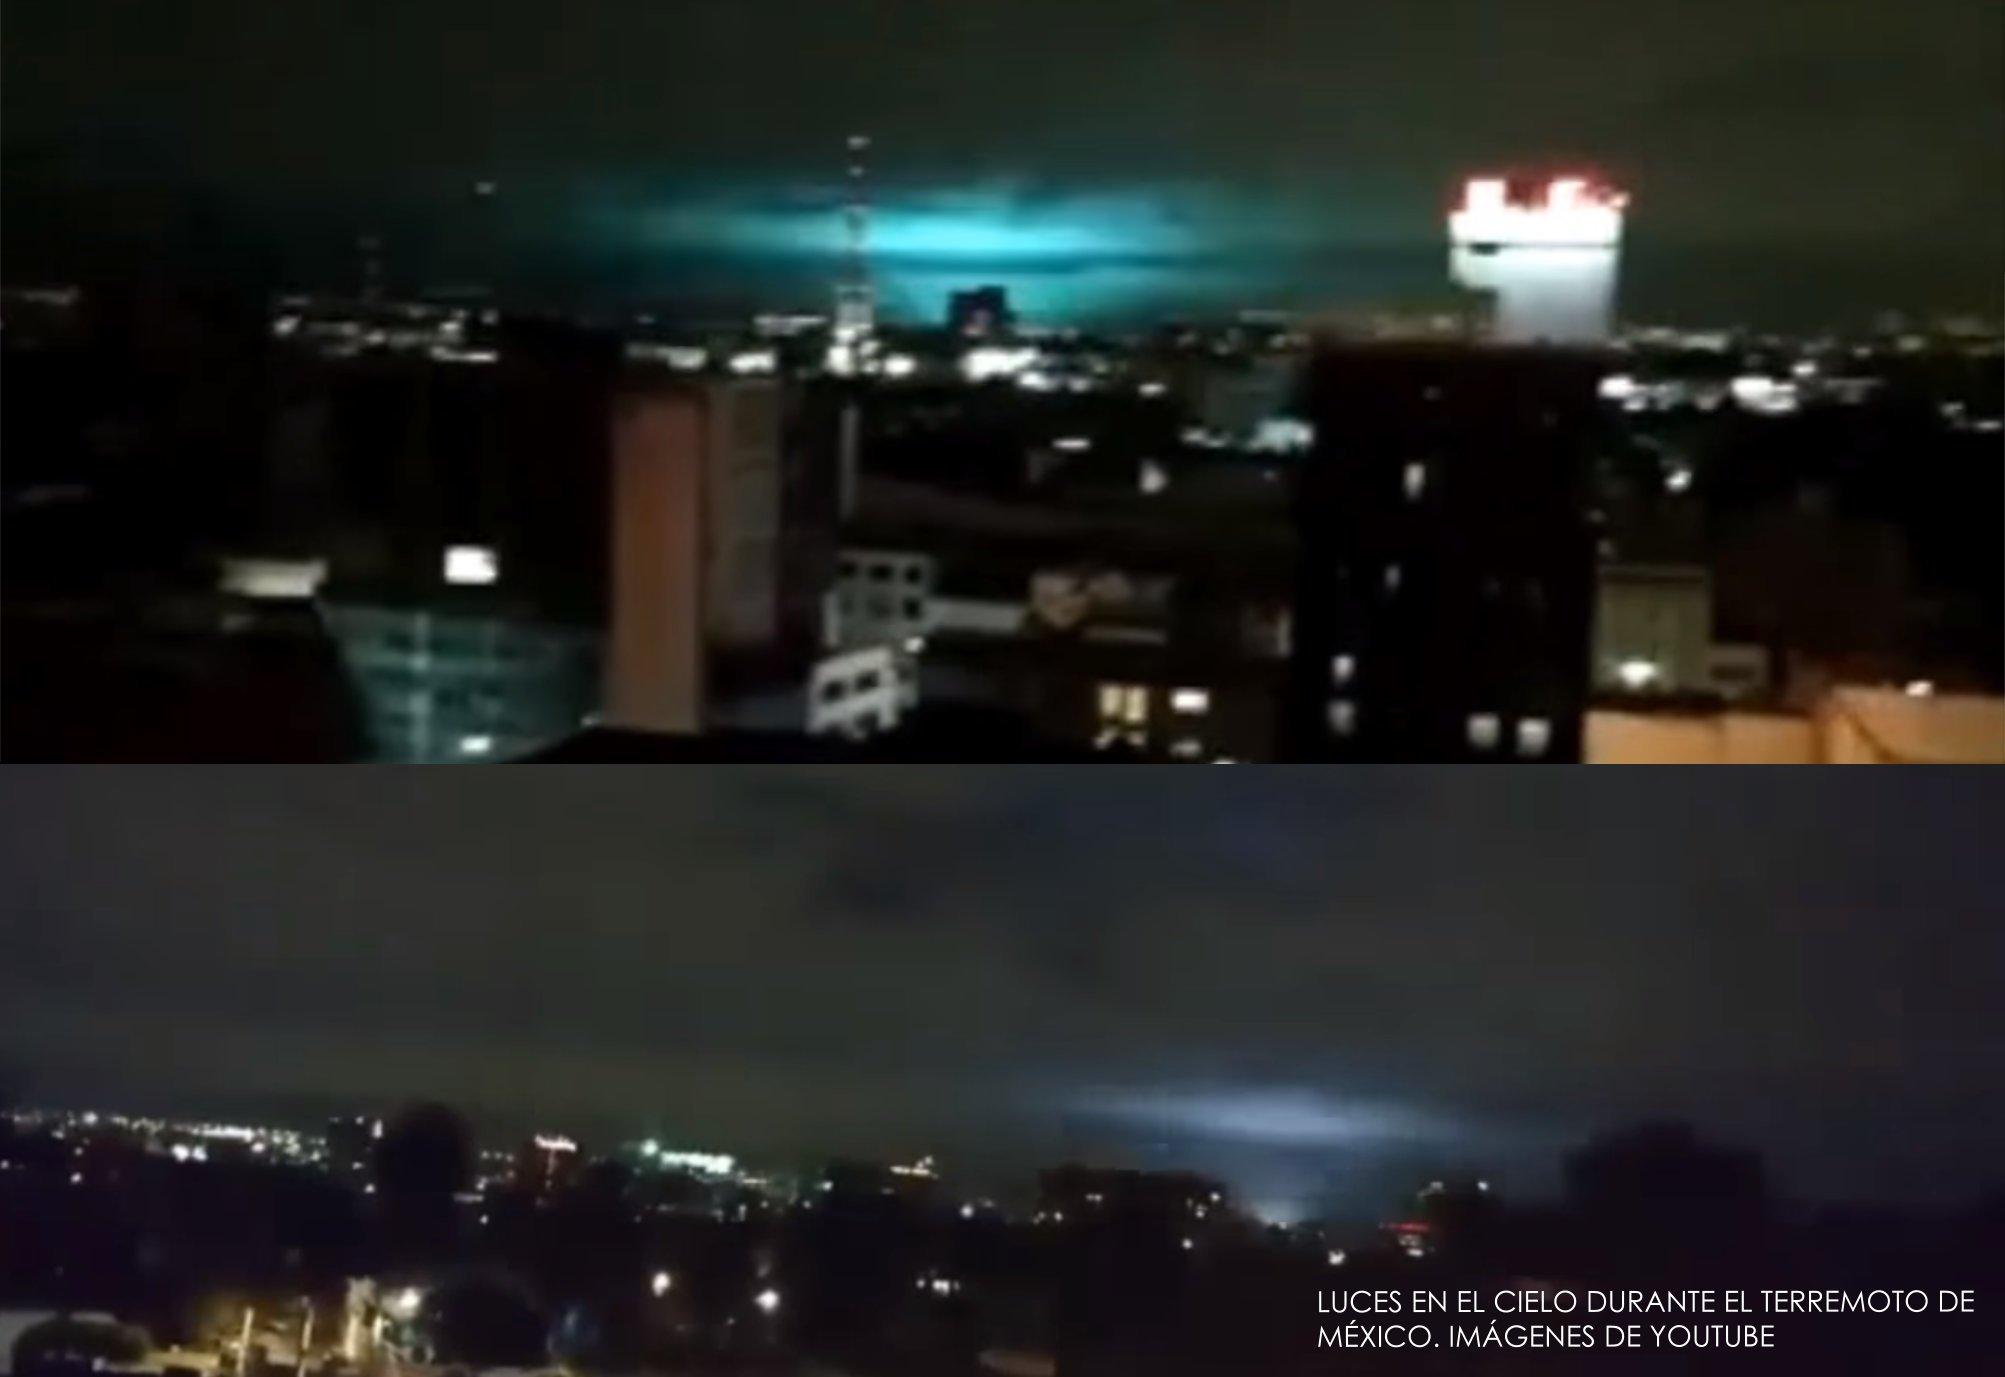 Qué son las Luces en el cielo vistas durante el terremoto de México 1